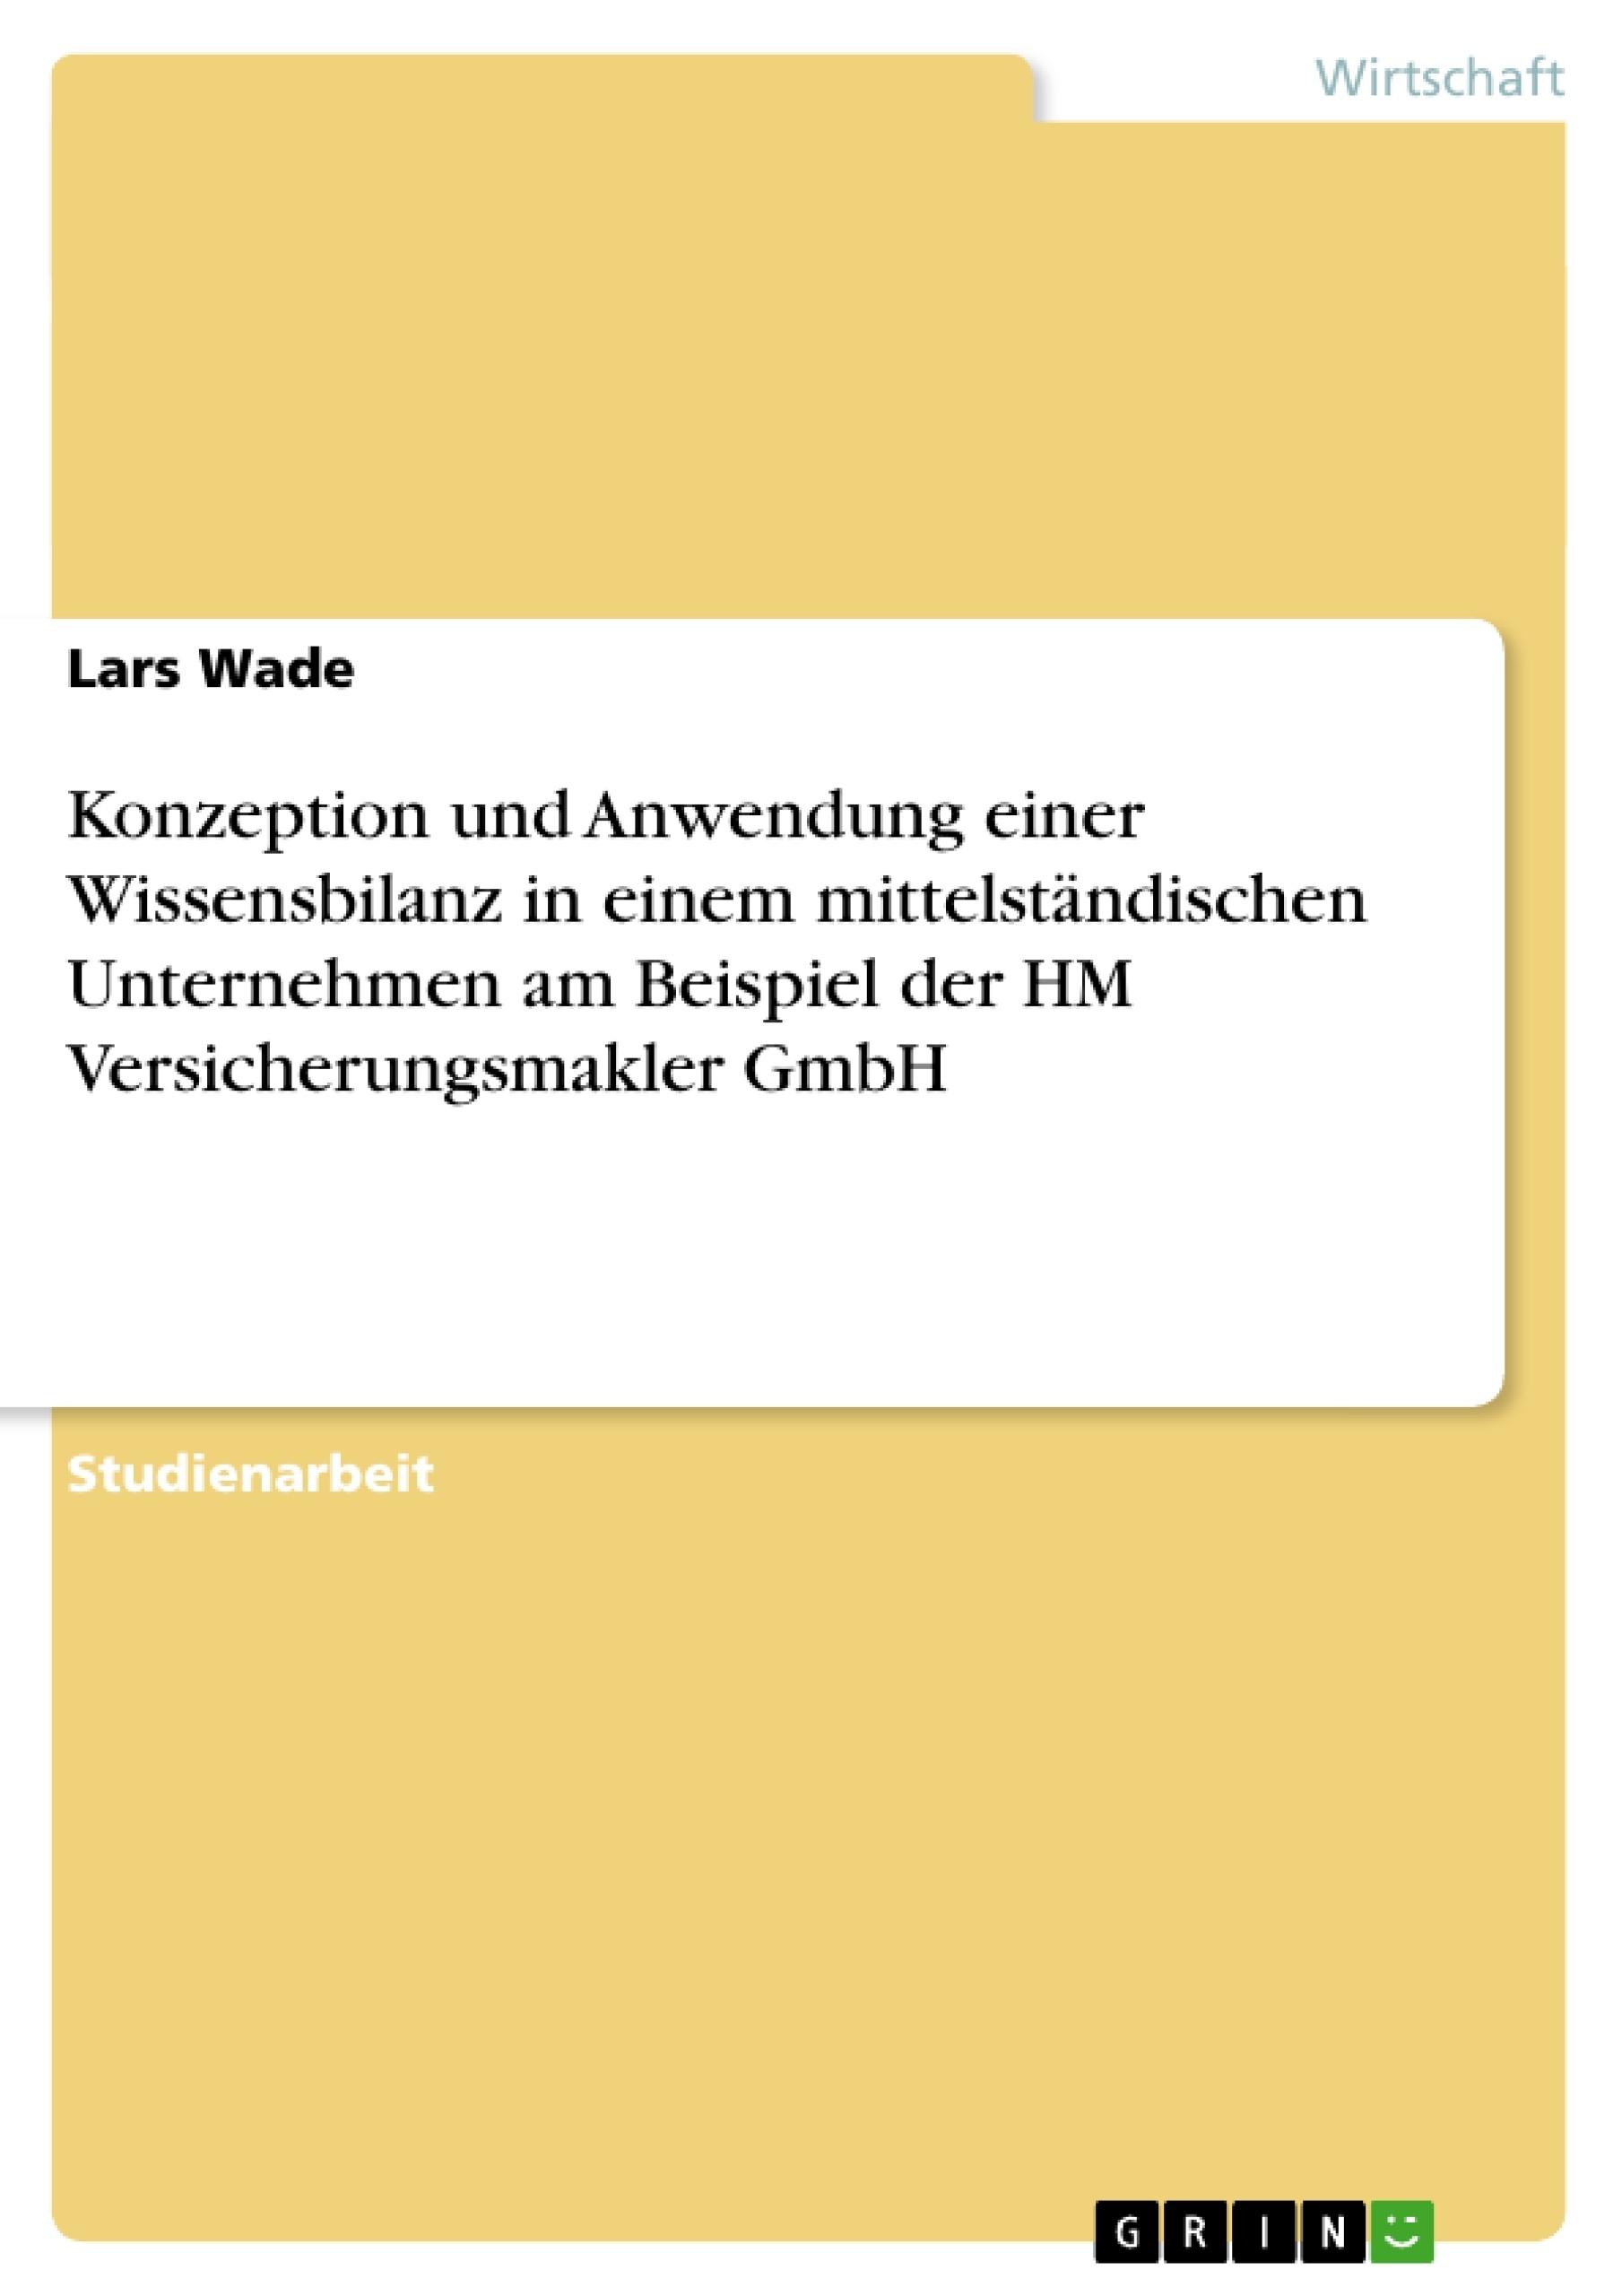 Titel: Konzeption und Anwendung einer Wissensbilanz  in einem mittelständischen Unternehmen  am Beispiel der HM Versicherungsmakler GmbH